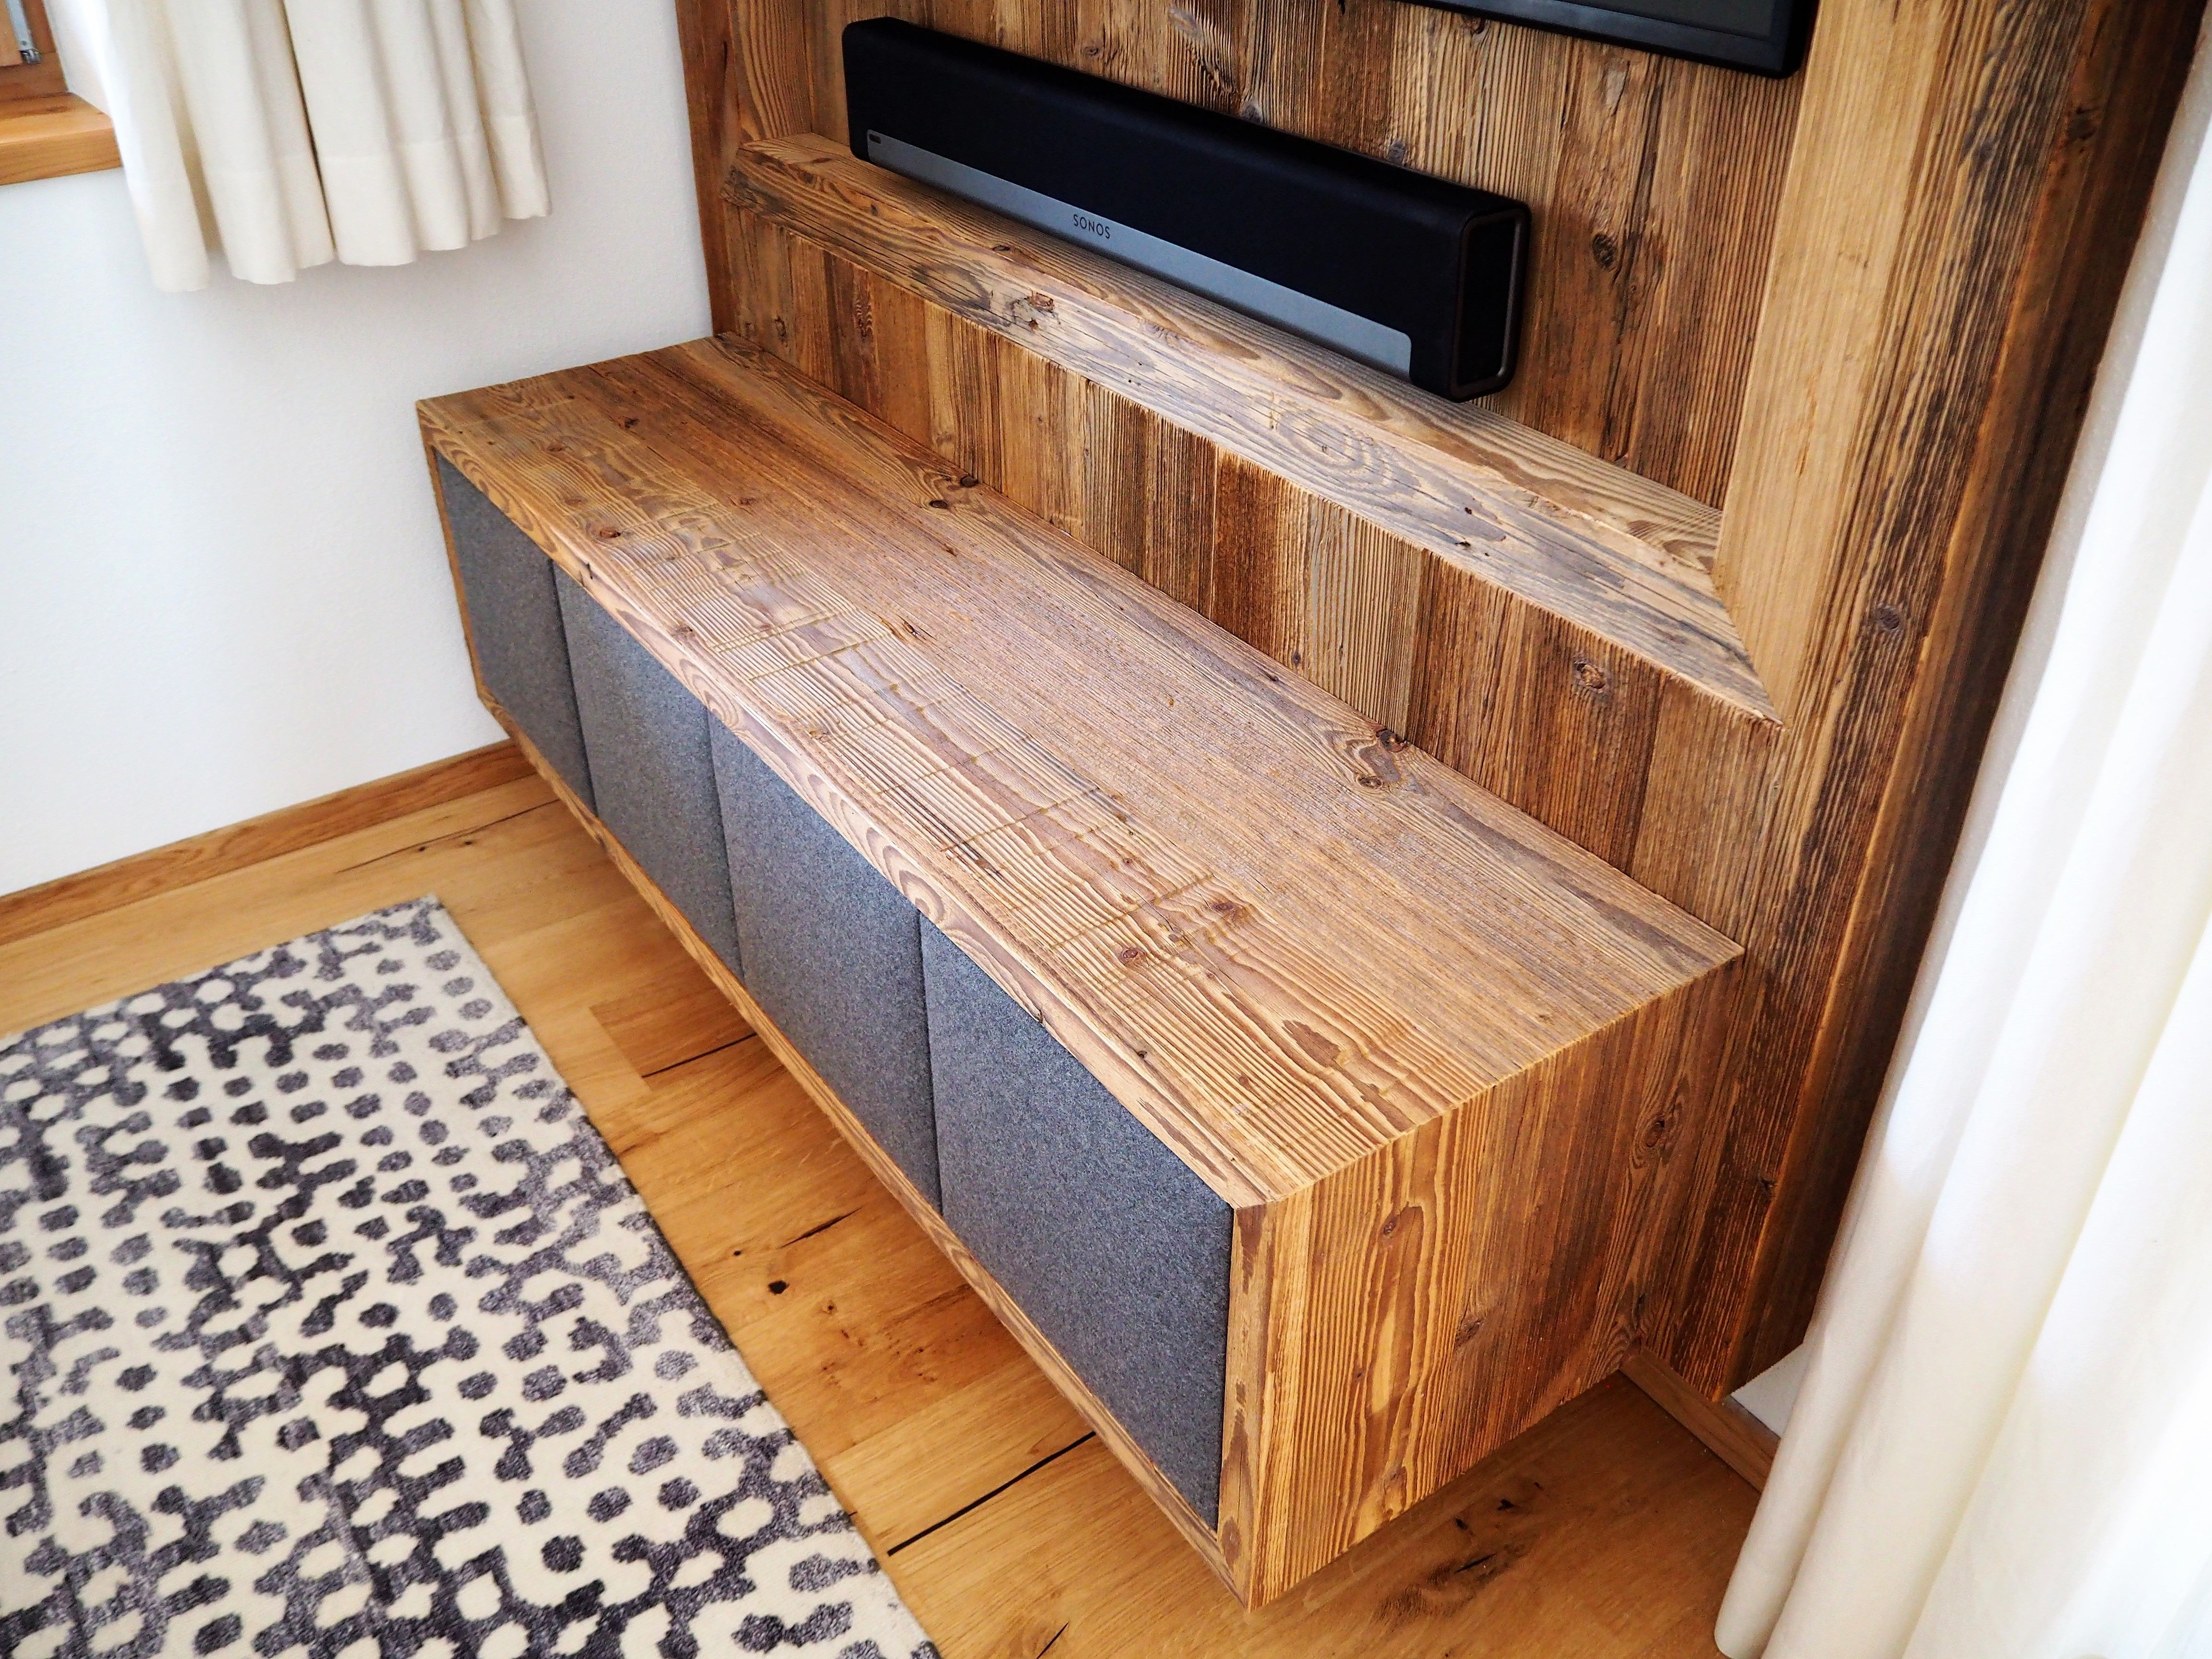 Altholz Verbau Wohnzimmer mit TV Kasten und Stofffronten